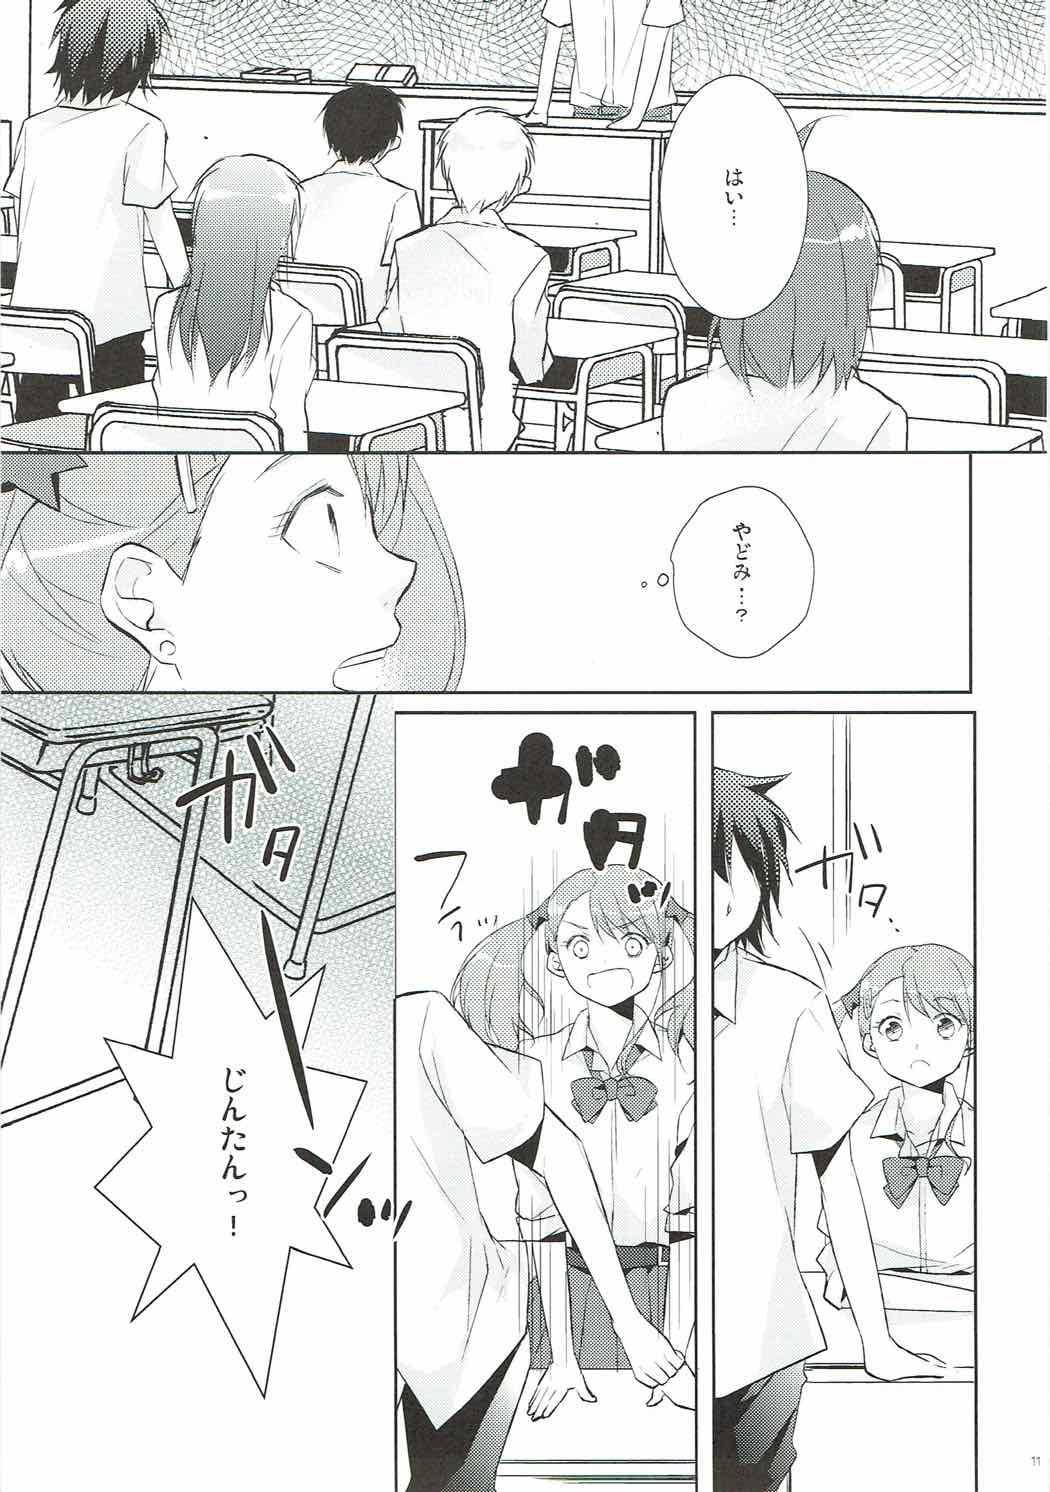 Ano Hi Mita Chichi no Kanshoku o Bokutachi wa Mada Shiranai. 9